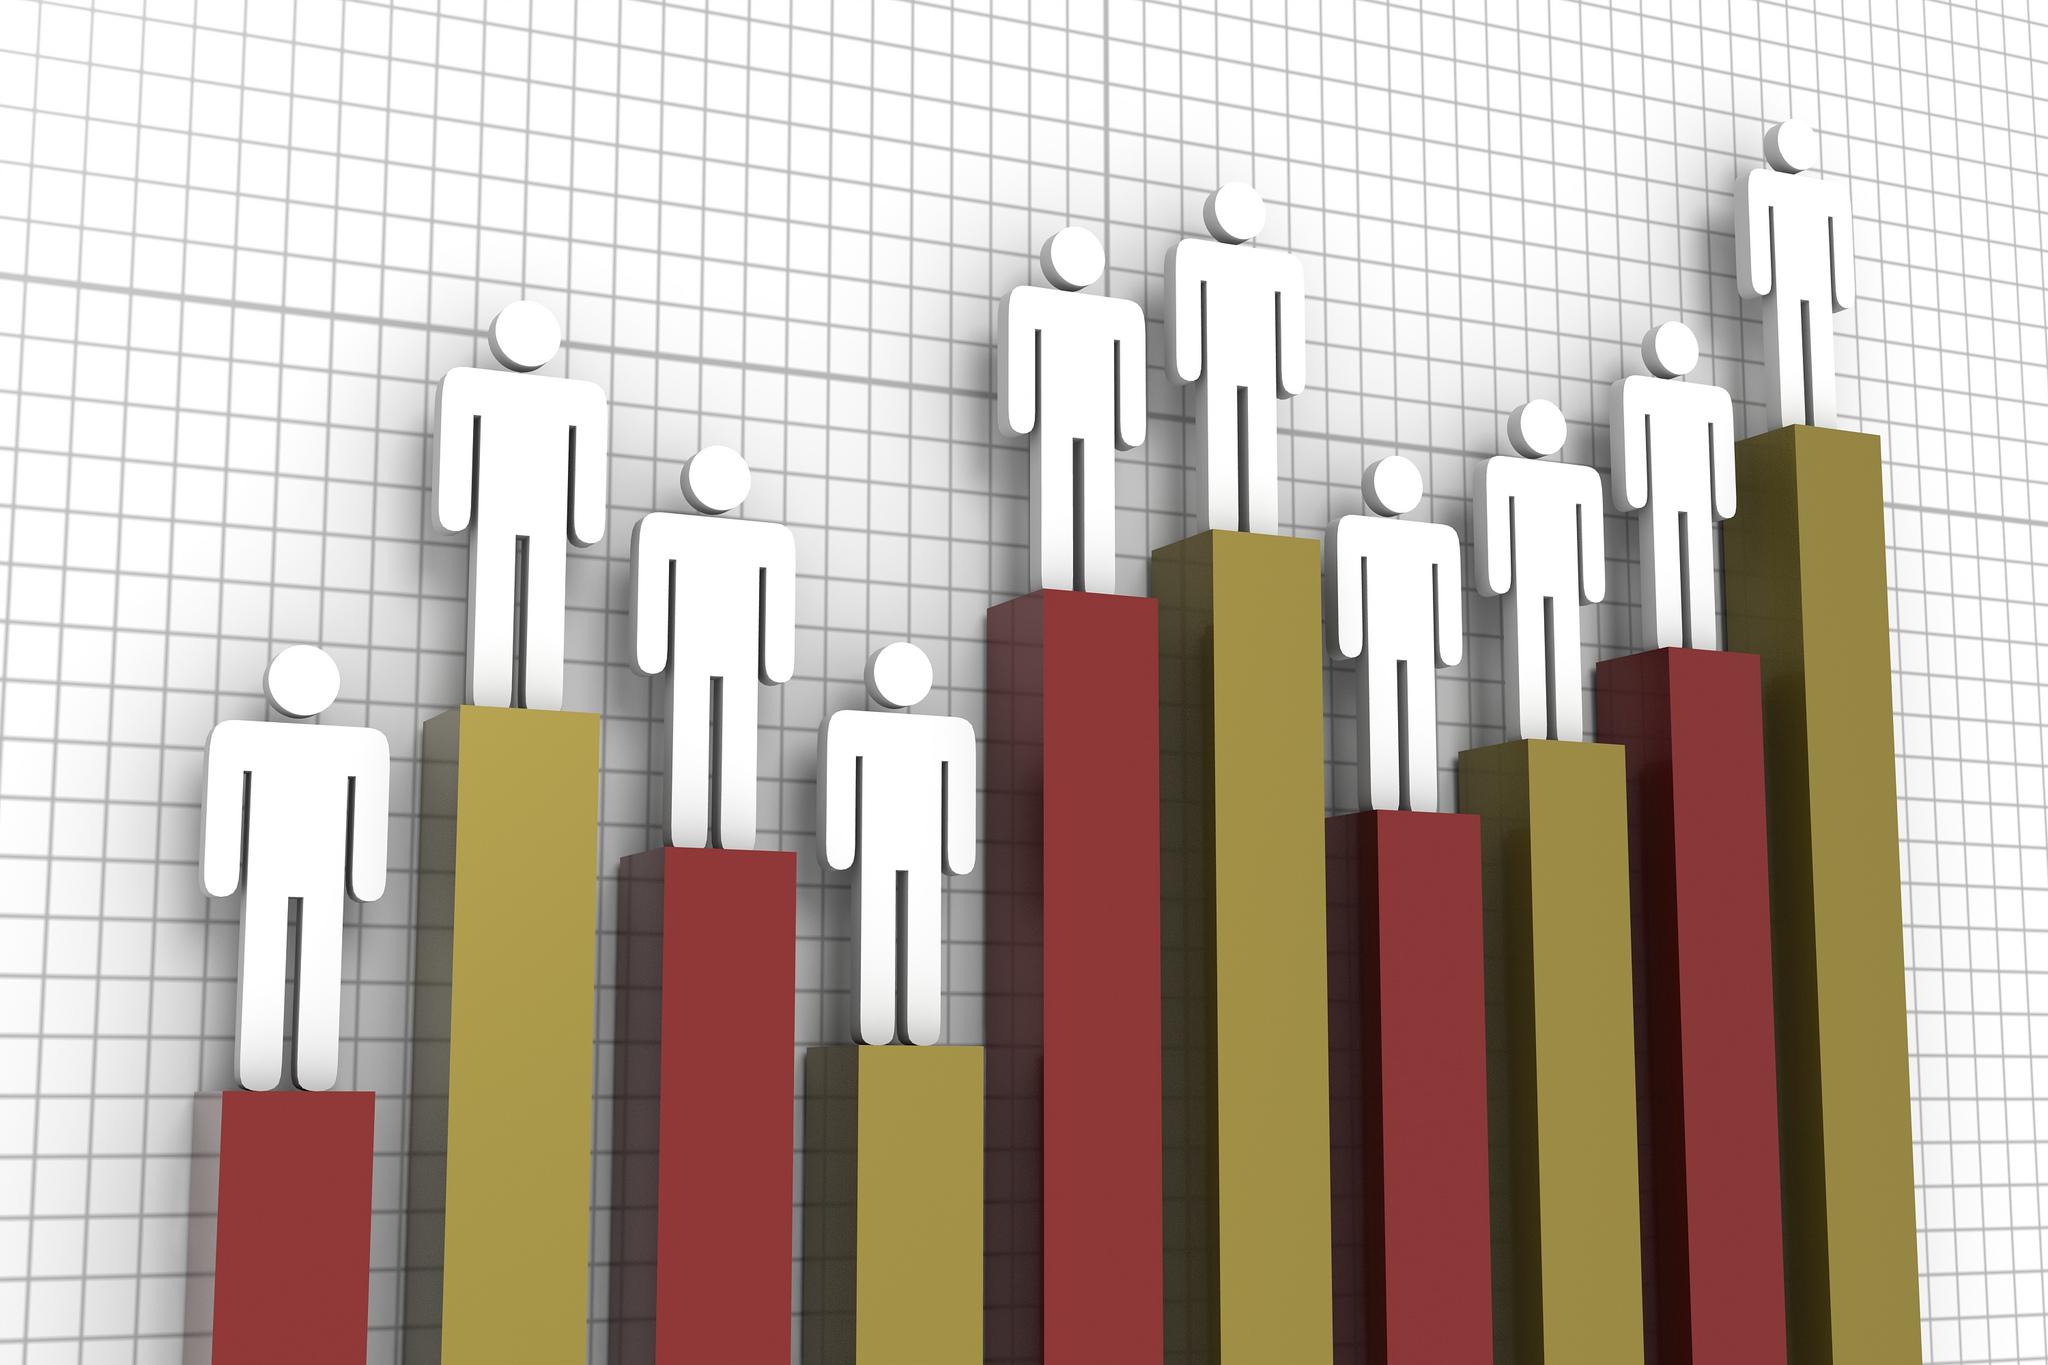 Billet d'humeur : le classement des entreprises du CAC40 selon leur niveau de digitalisation